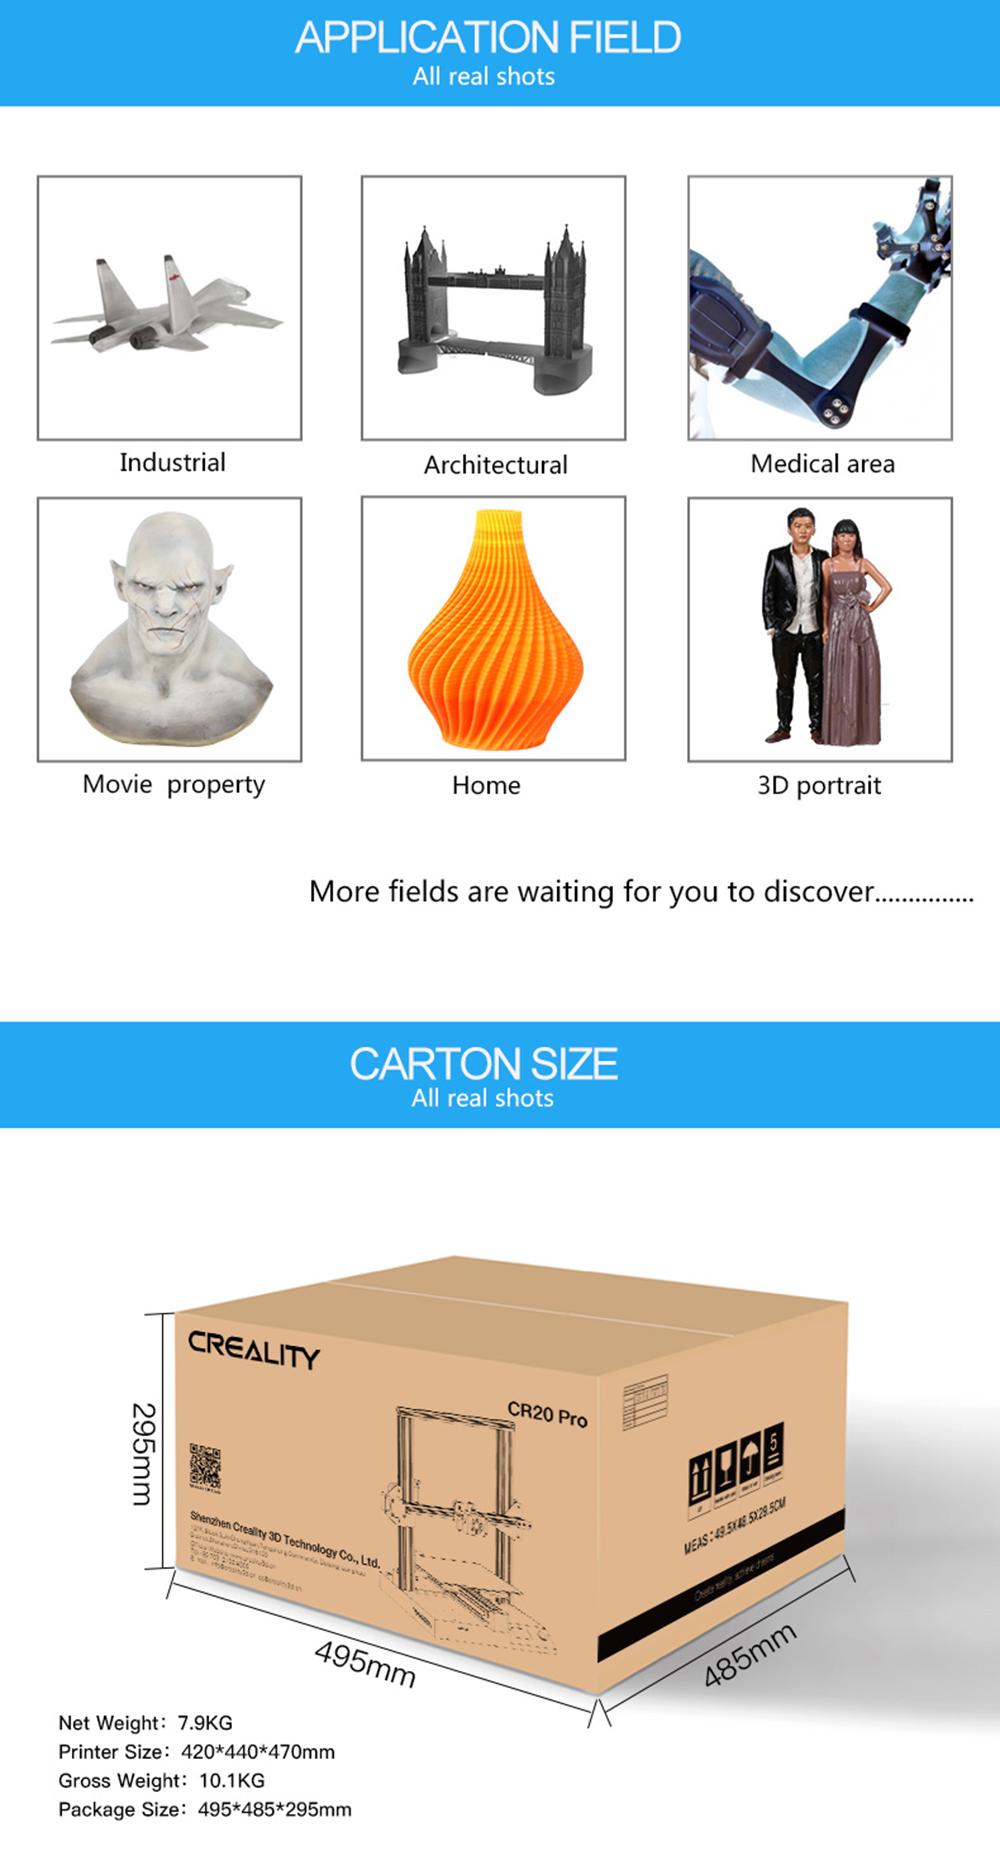 Creality3D CR-20 Pro 3D-Drucker Bausatz - 220x220x250mm - Anwendungsbeispiele - Versandmaße